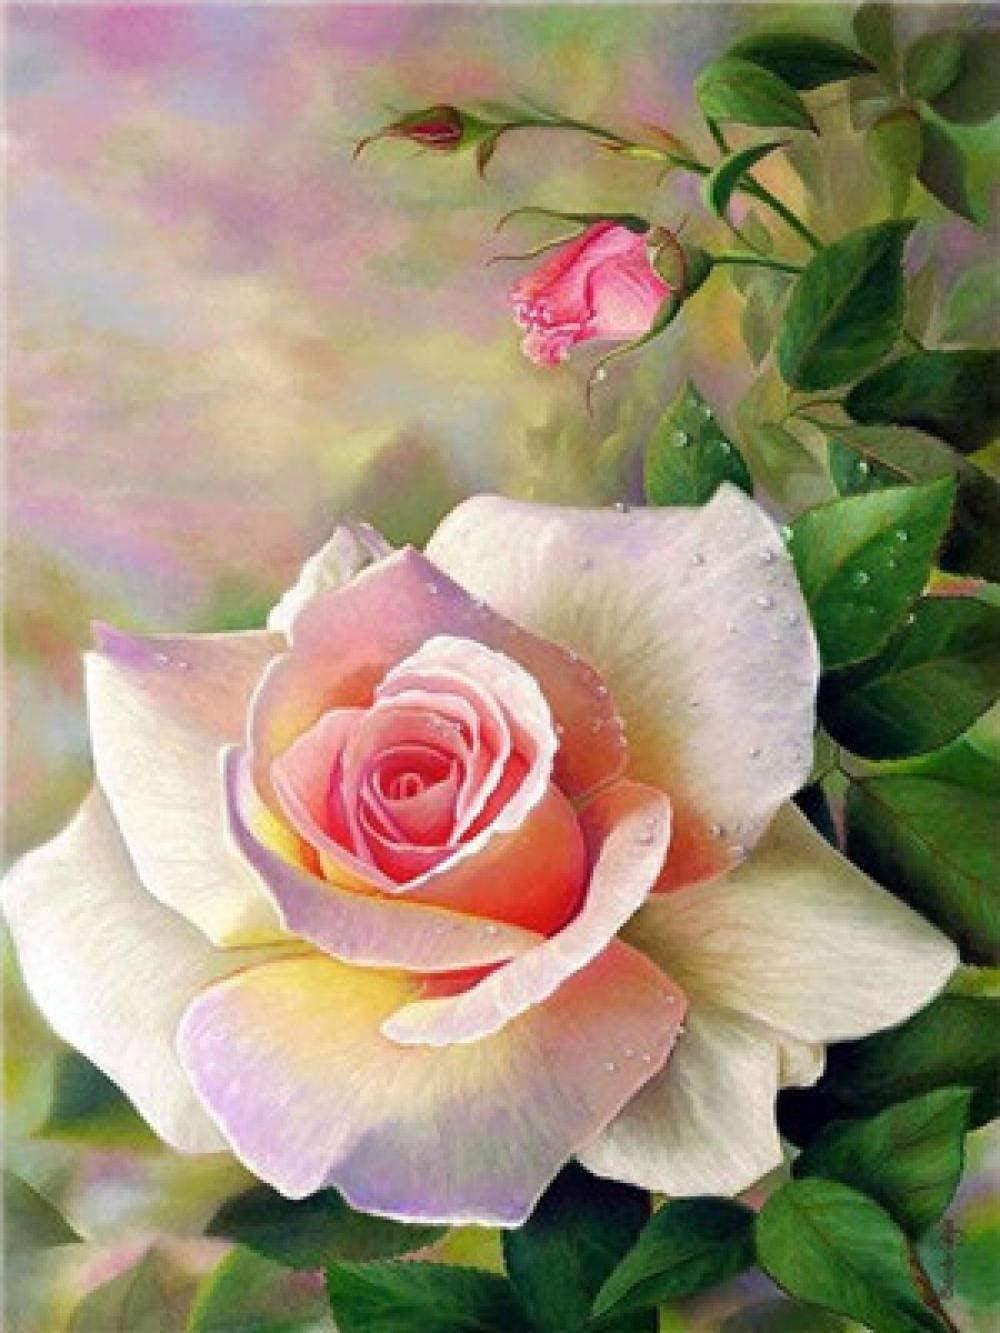 20 Pulgadas QIAOYUE Light Rose Paint by Numbers DIY Kit de Pintura para Adultos y ni/ños Principiantes Lienzo preimpreso decoraci/ón del hogar 16 sin Marco